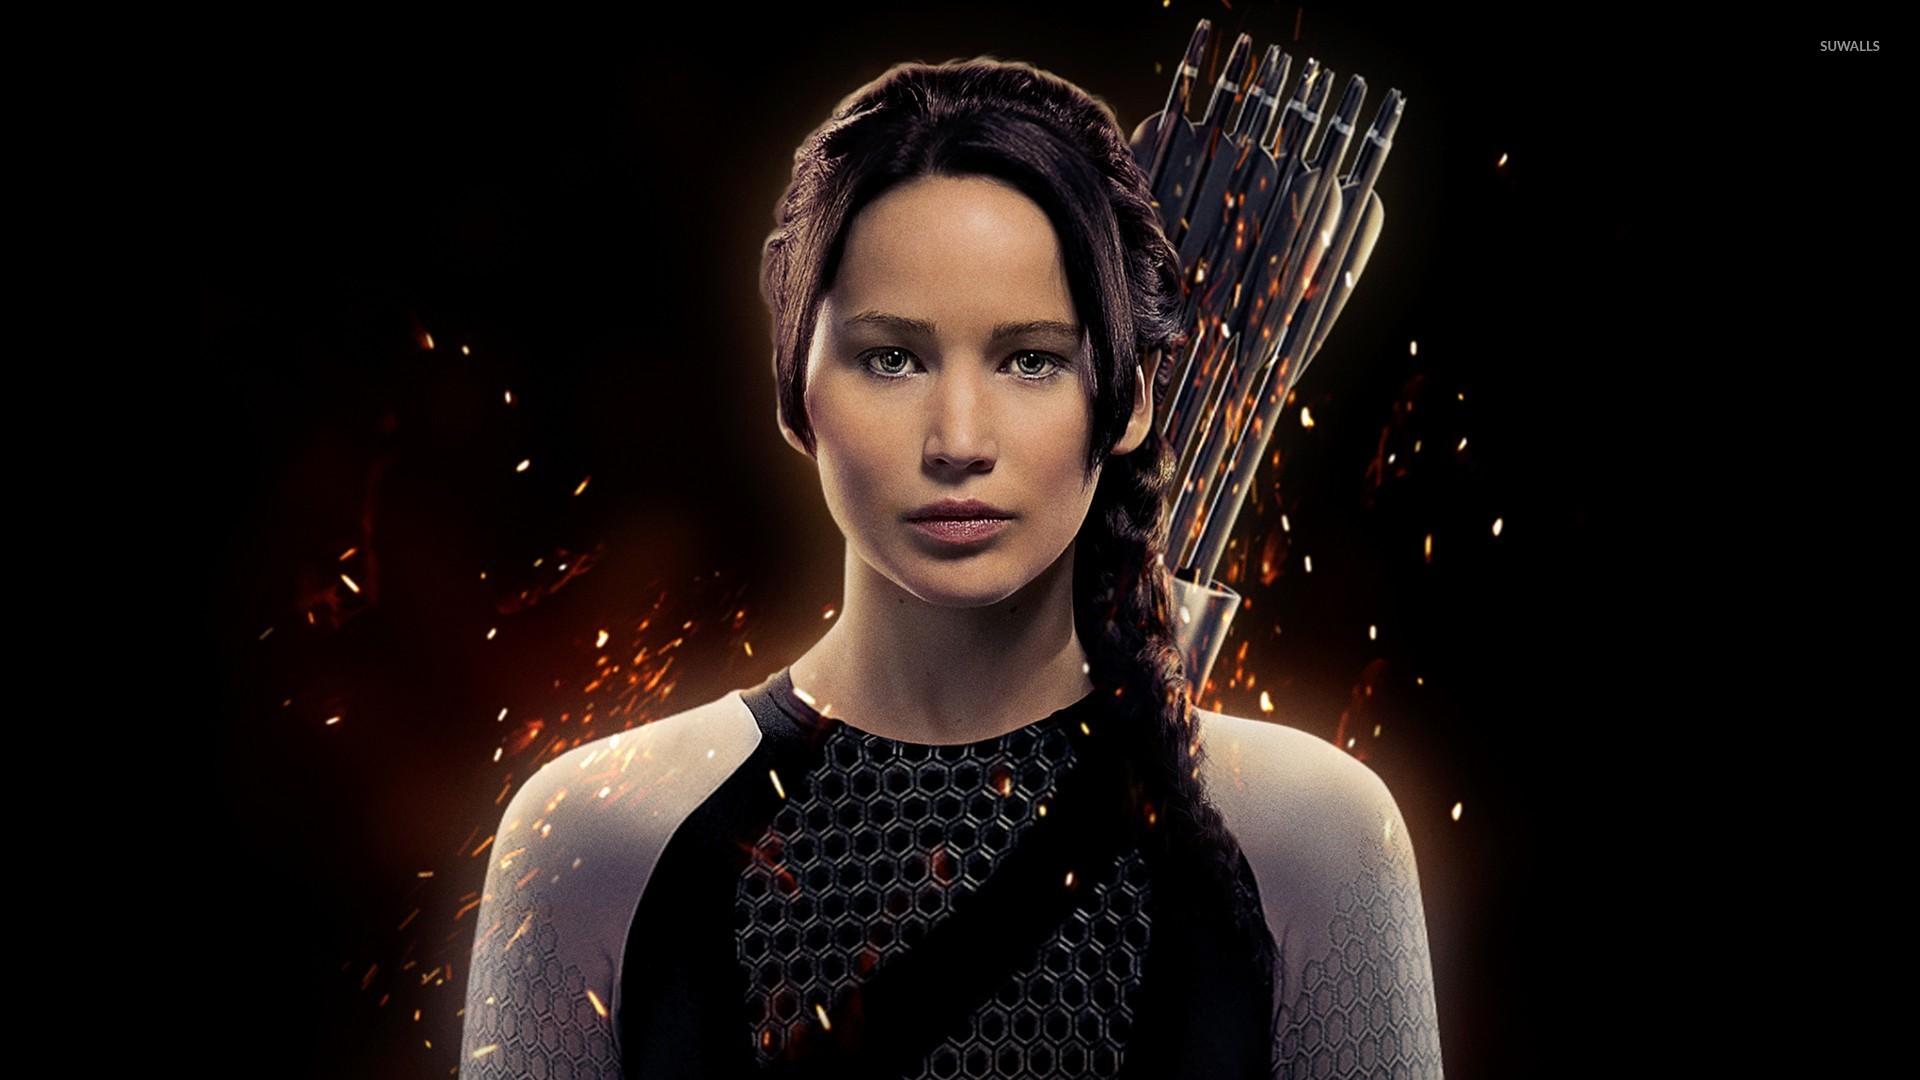 Katniss Everdeen   The Hunger Games Catching Fire wallpaper 1920x1080